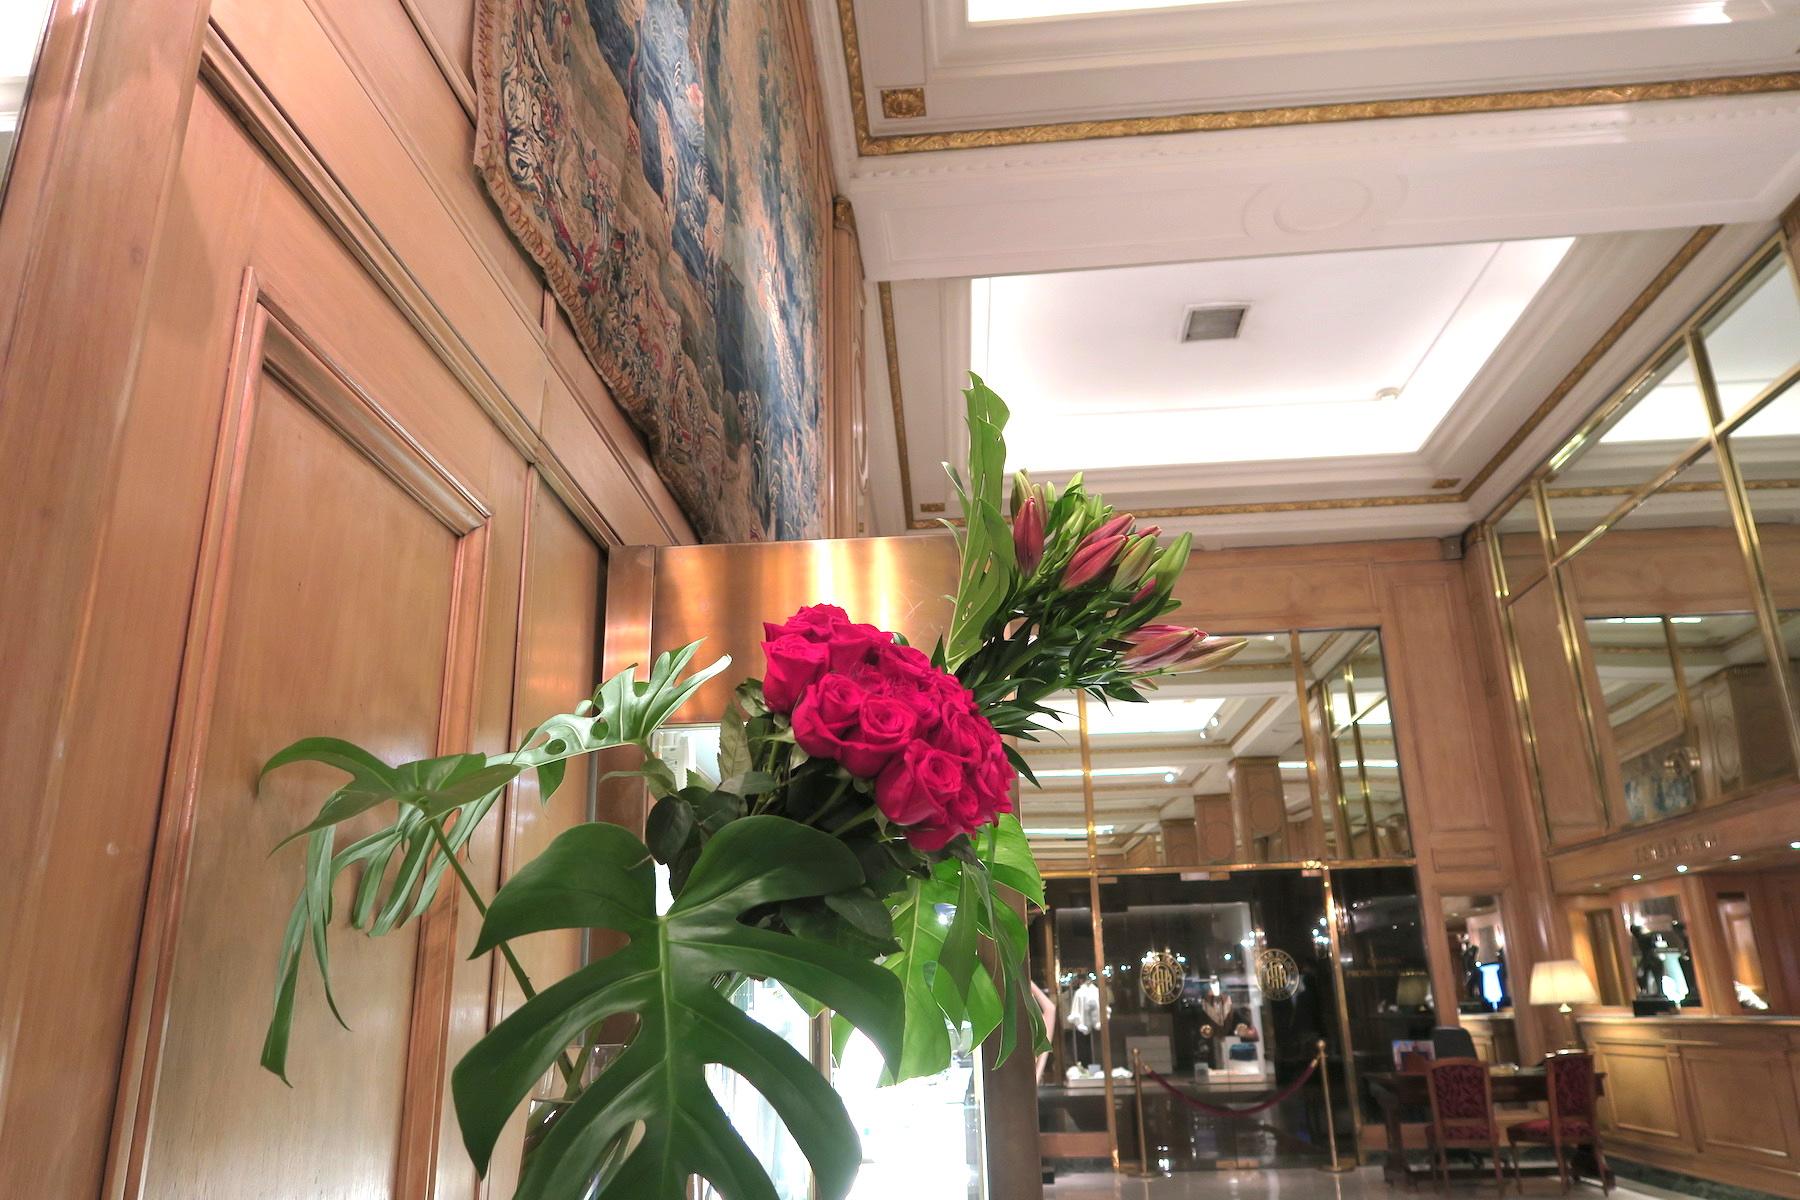 hotel-alvear-buenos-aires-blog-beta-pinheiro-flores